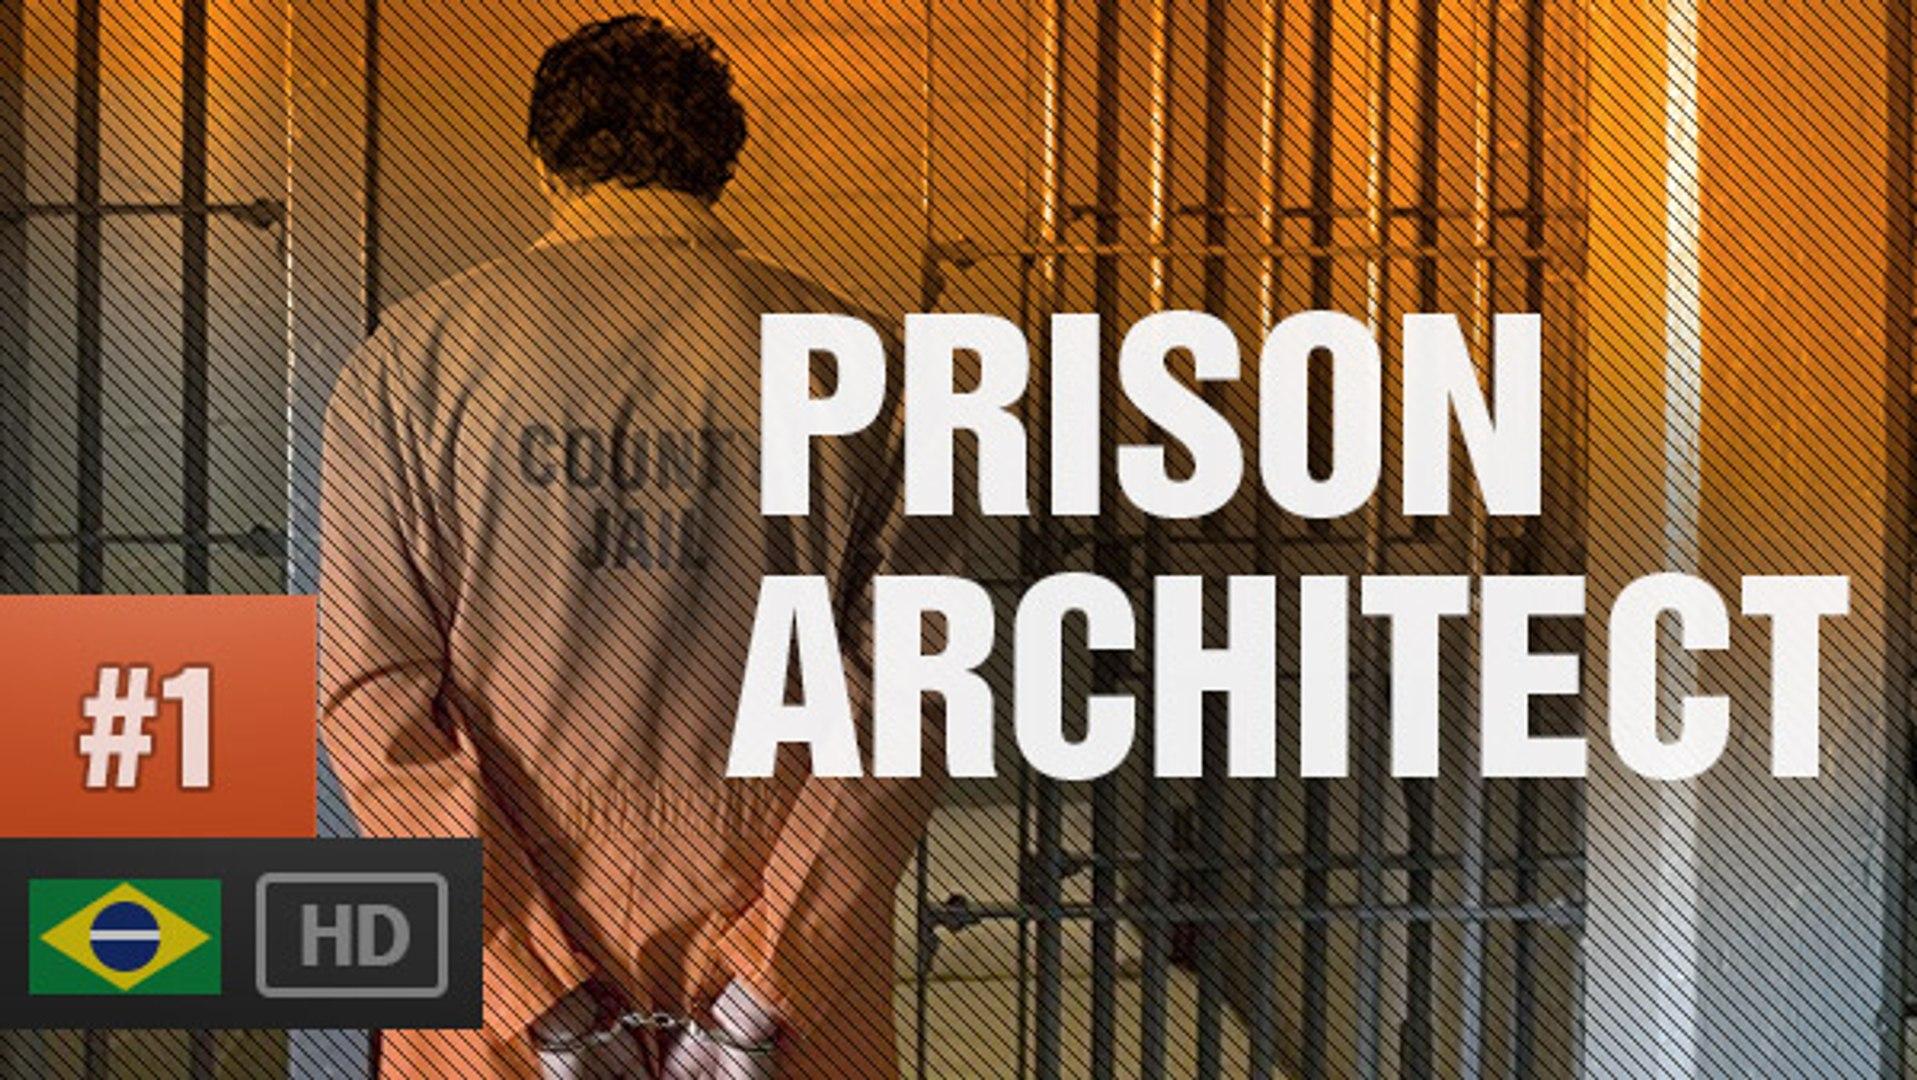 CONSTRUINDO PRISÃO É COMIGO MESMO   Prison Architect Gameplay Comentado PT-BR [1080p] #1